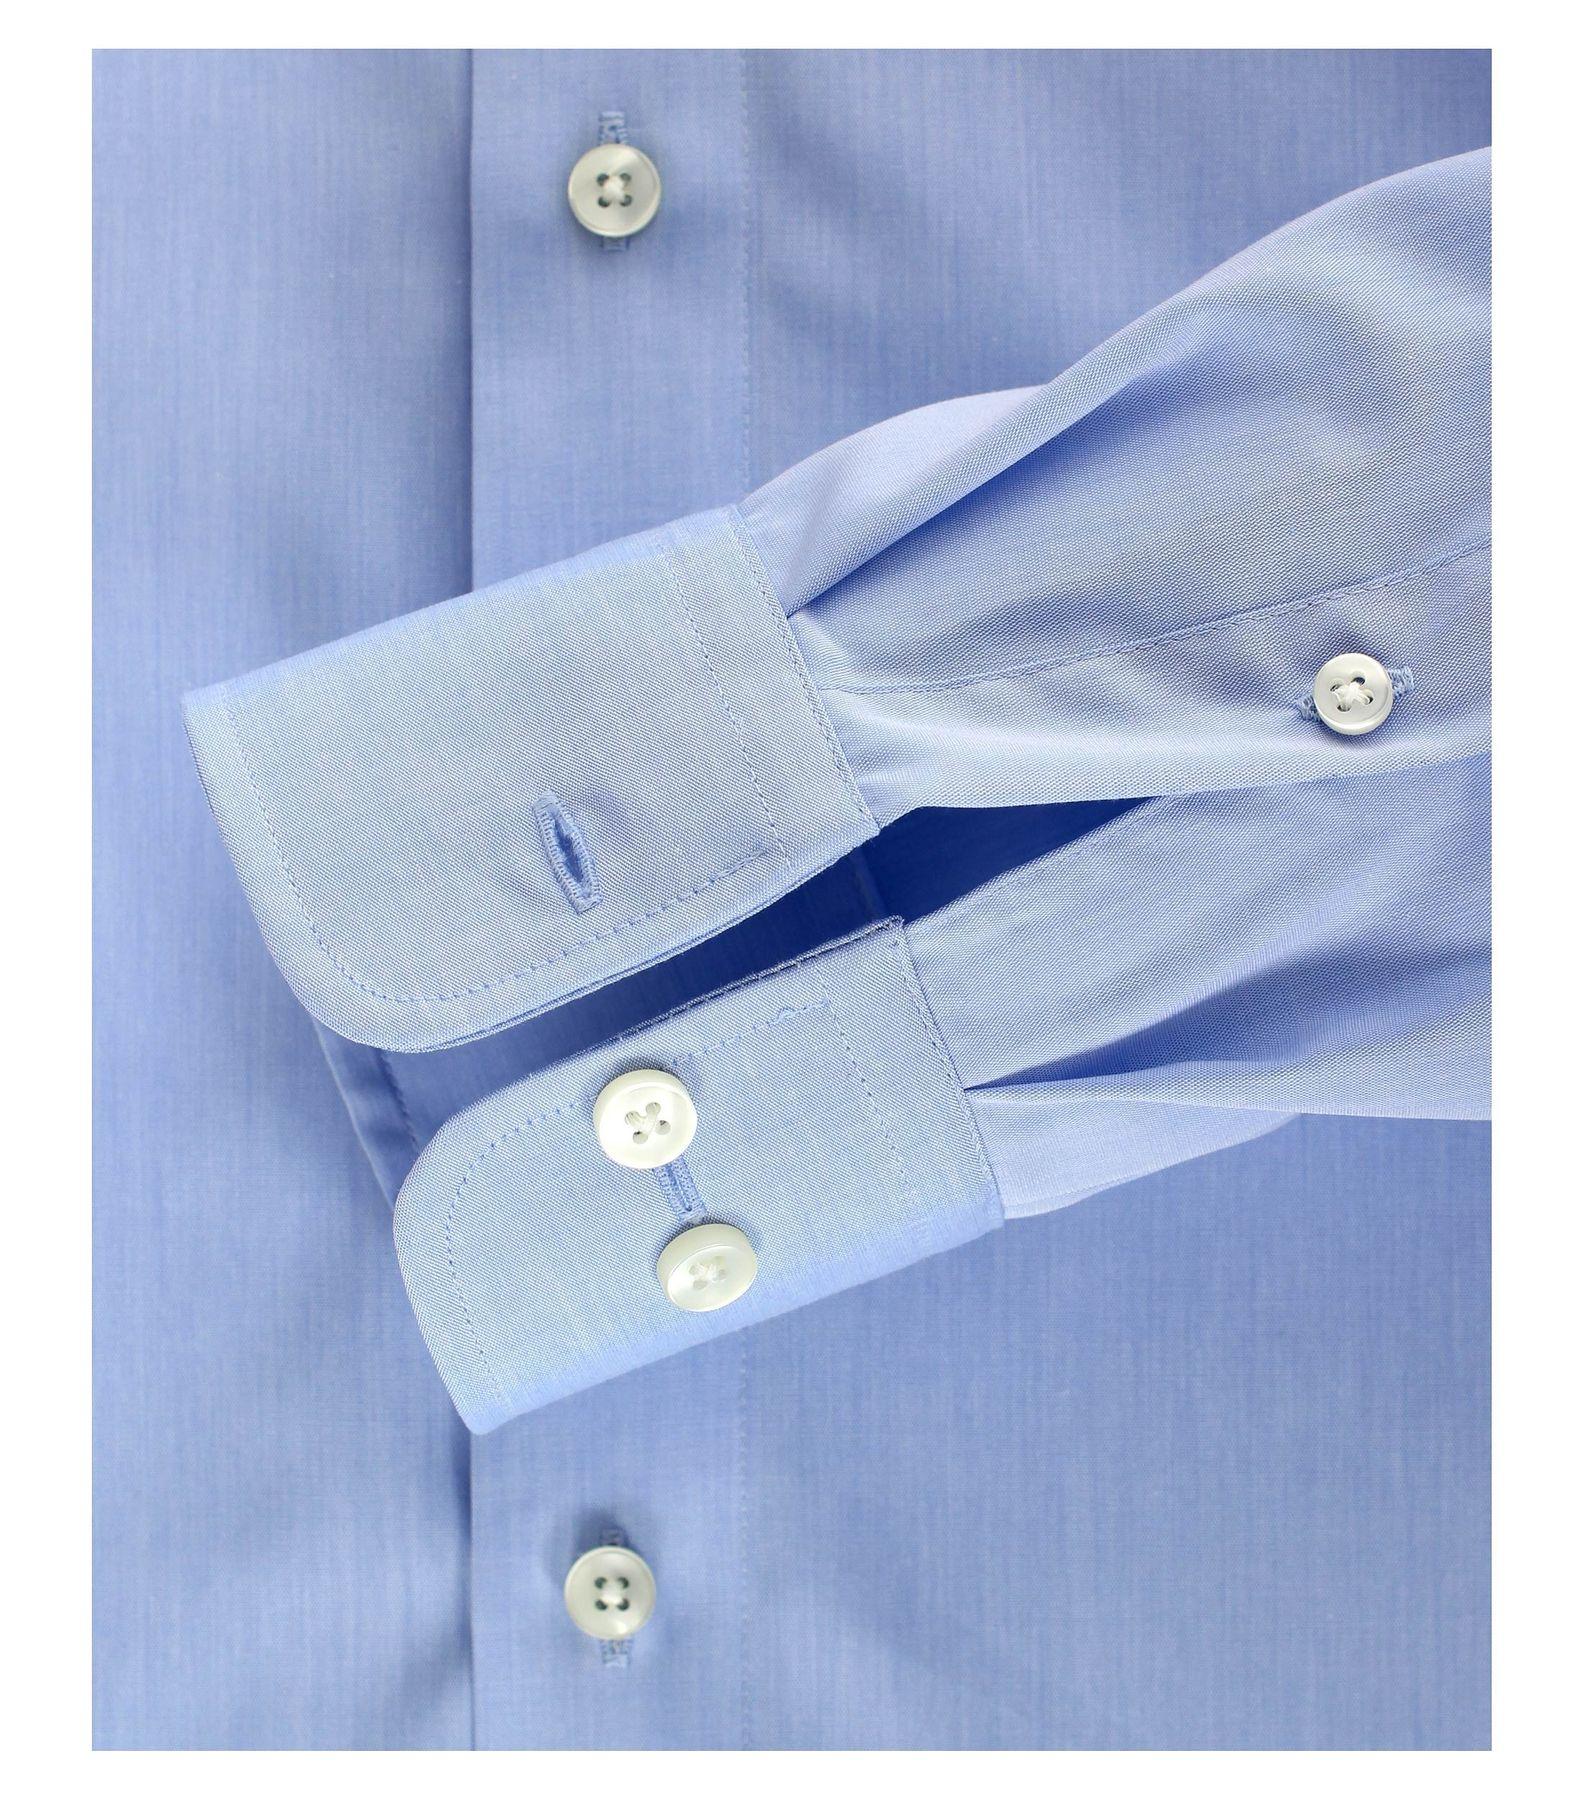 Casa Moda - Modern Fit - Bügelfreies Herren Business Hemd mit Extra langem Arm (72cm) in verschiedenen Farben (006562) – Bild 4